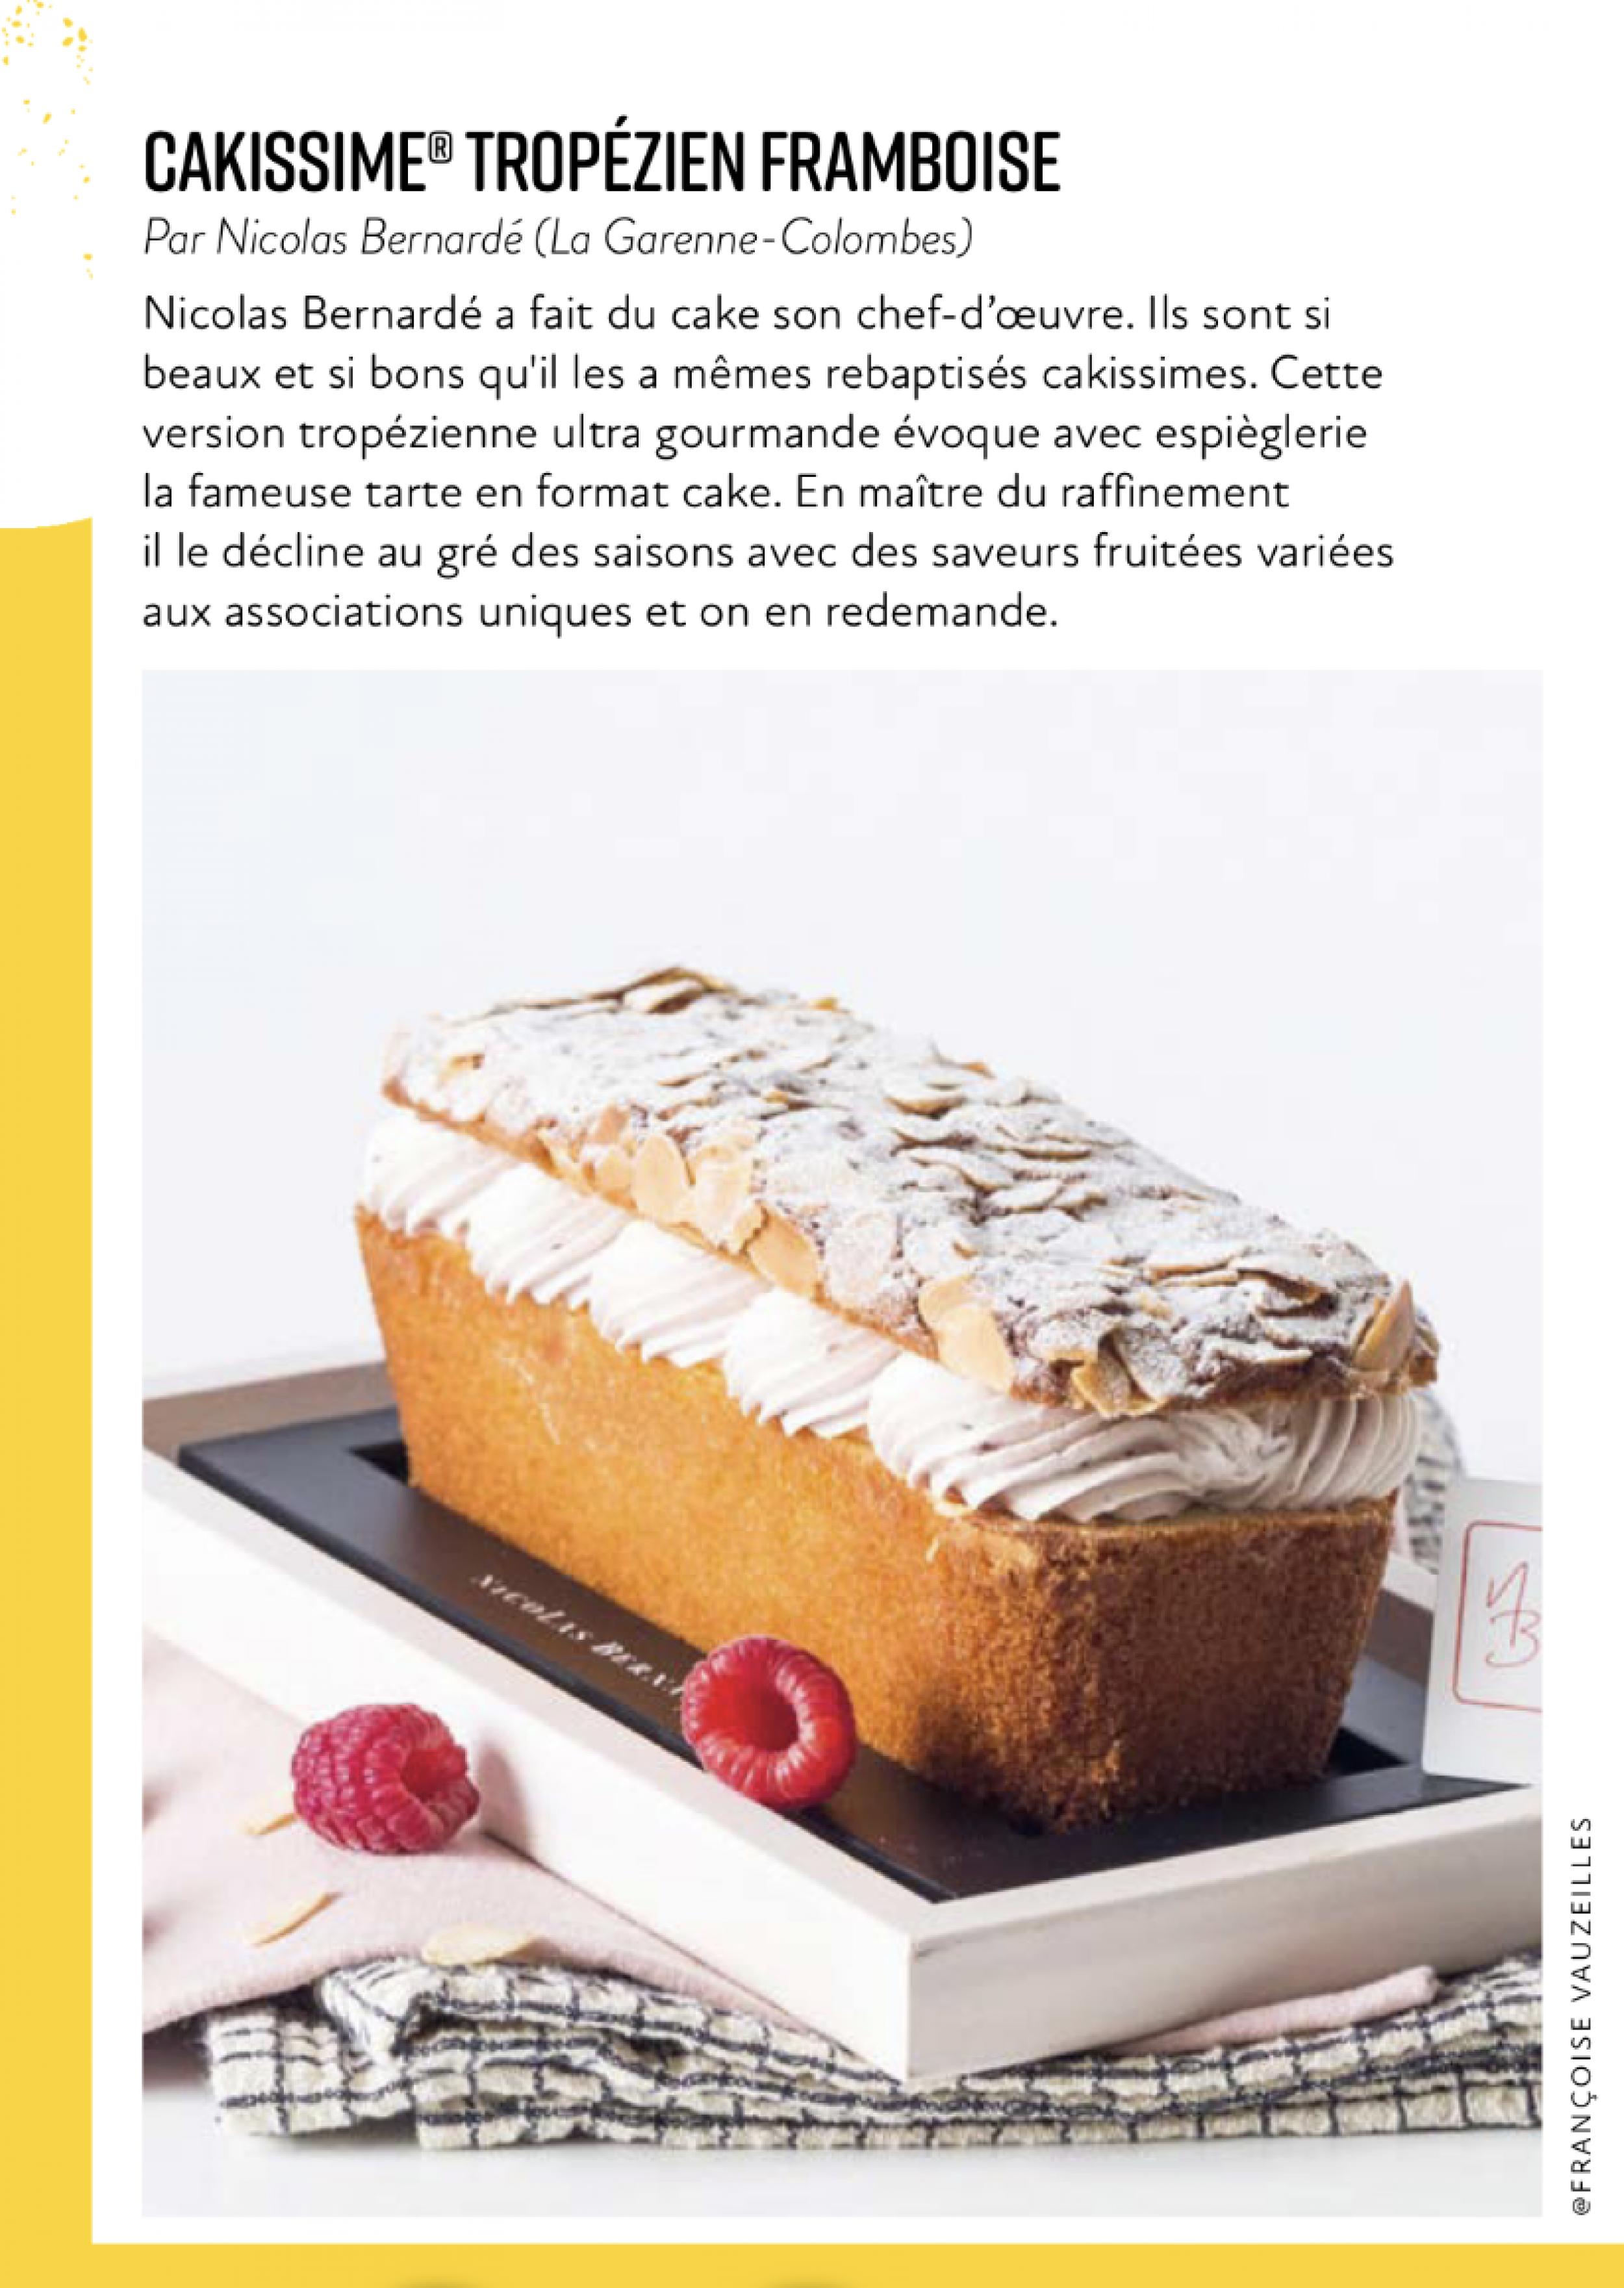 Variation tropezienne cake